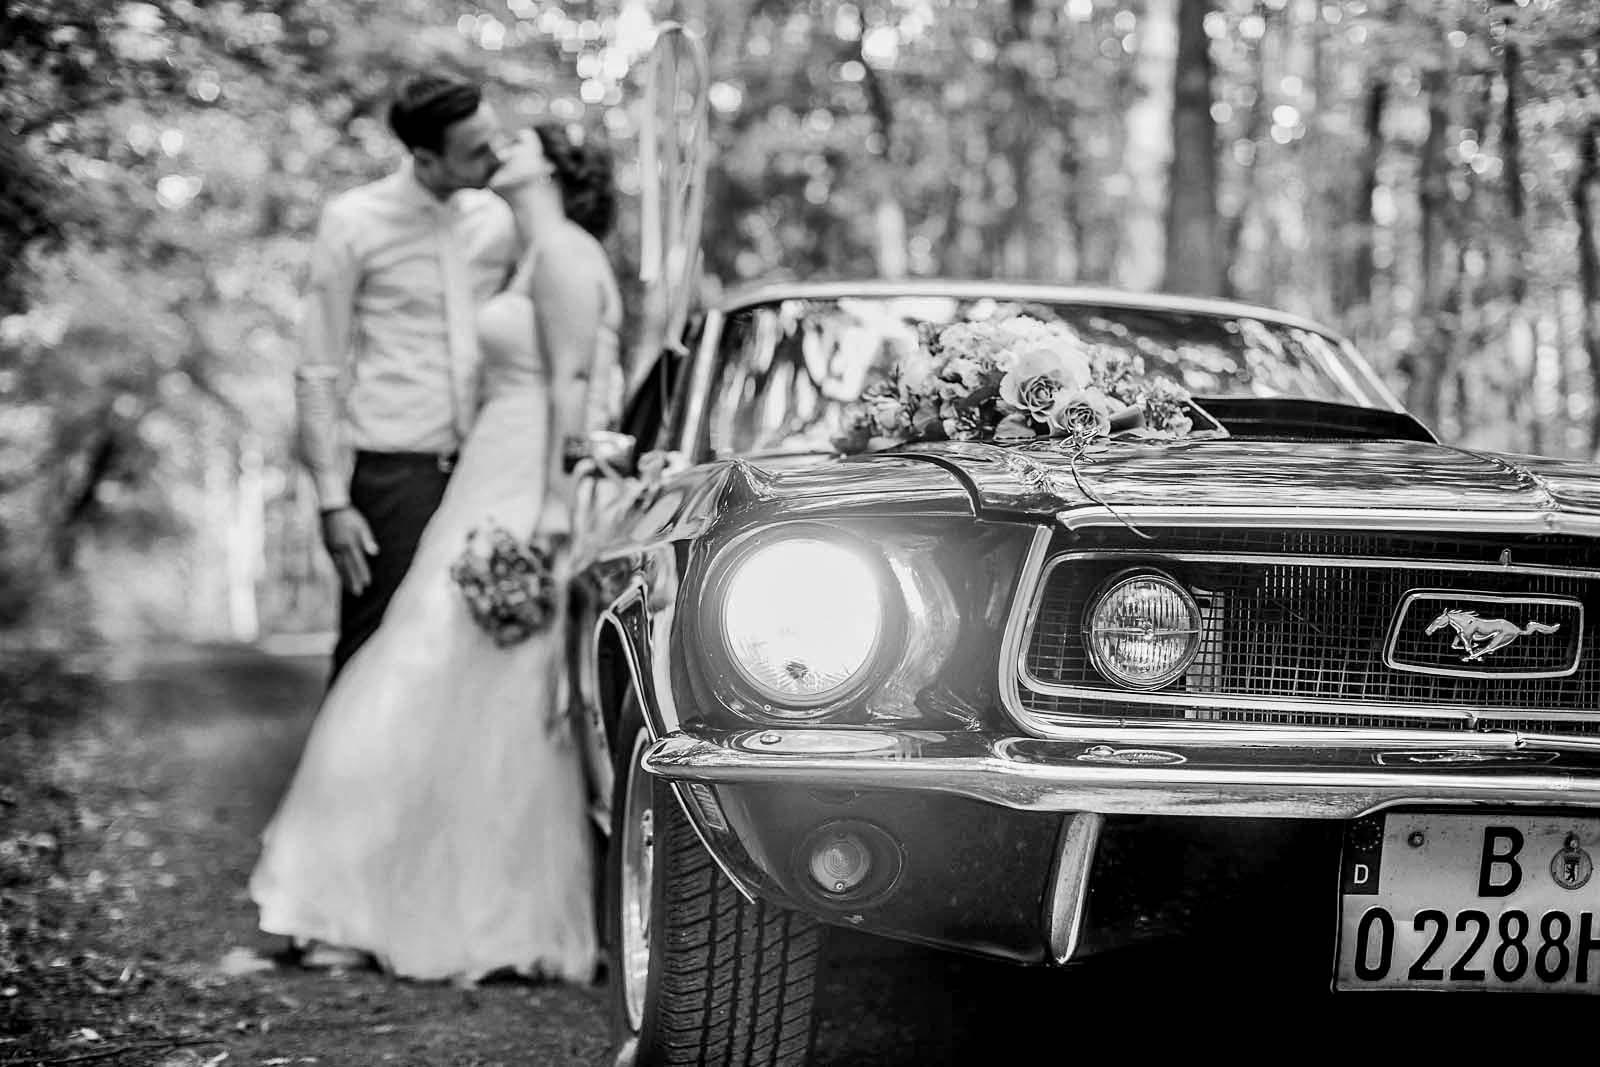 Ford Mustang Hochzeitsauto und Brautpaar auf einem Detailfoto Copyright by Hochzeitsfotograf www.berliner-hochzeitsfotografie.de